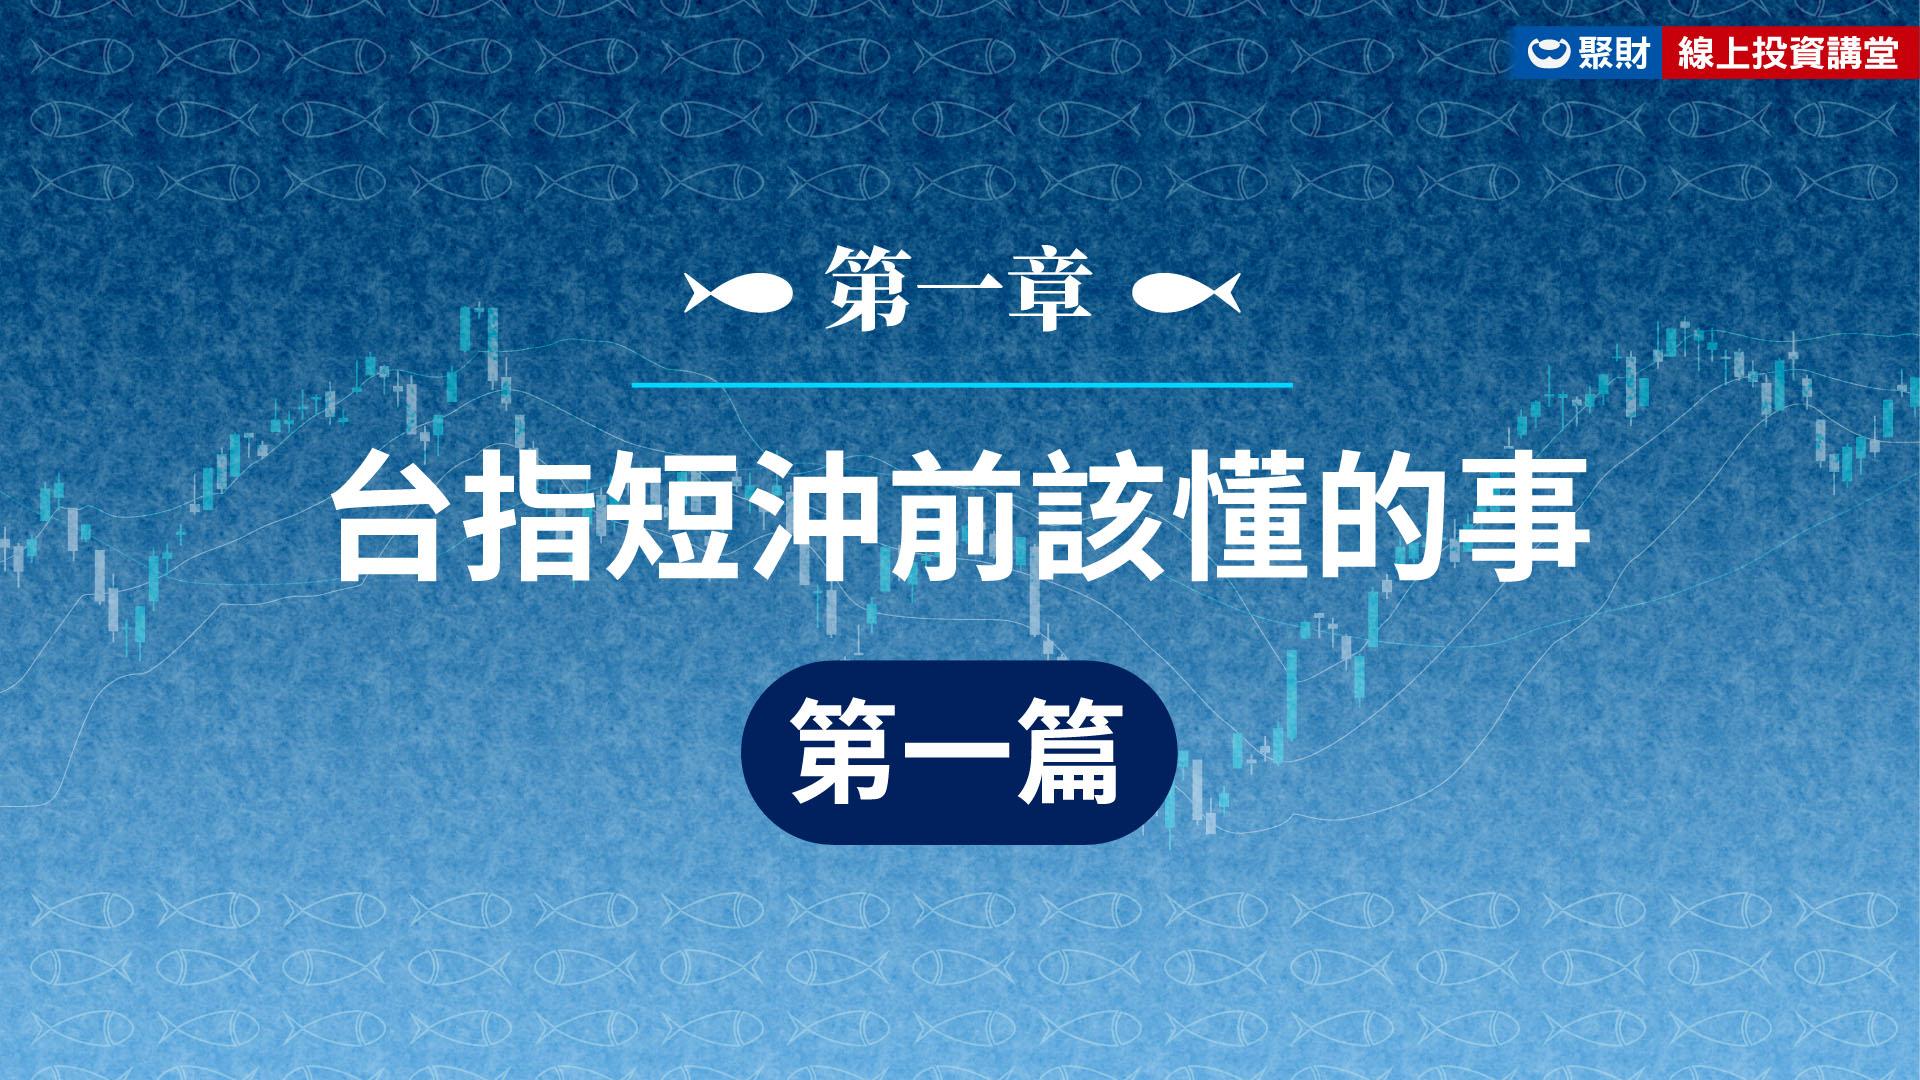 海龍王-第一章:台指短沖前該懂的事 第一篇